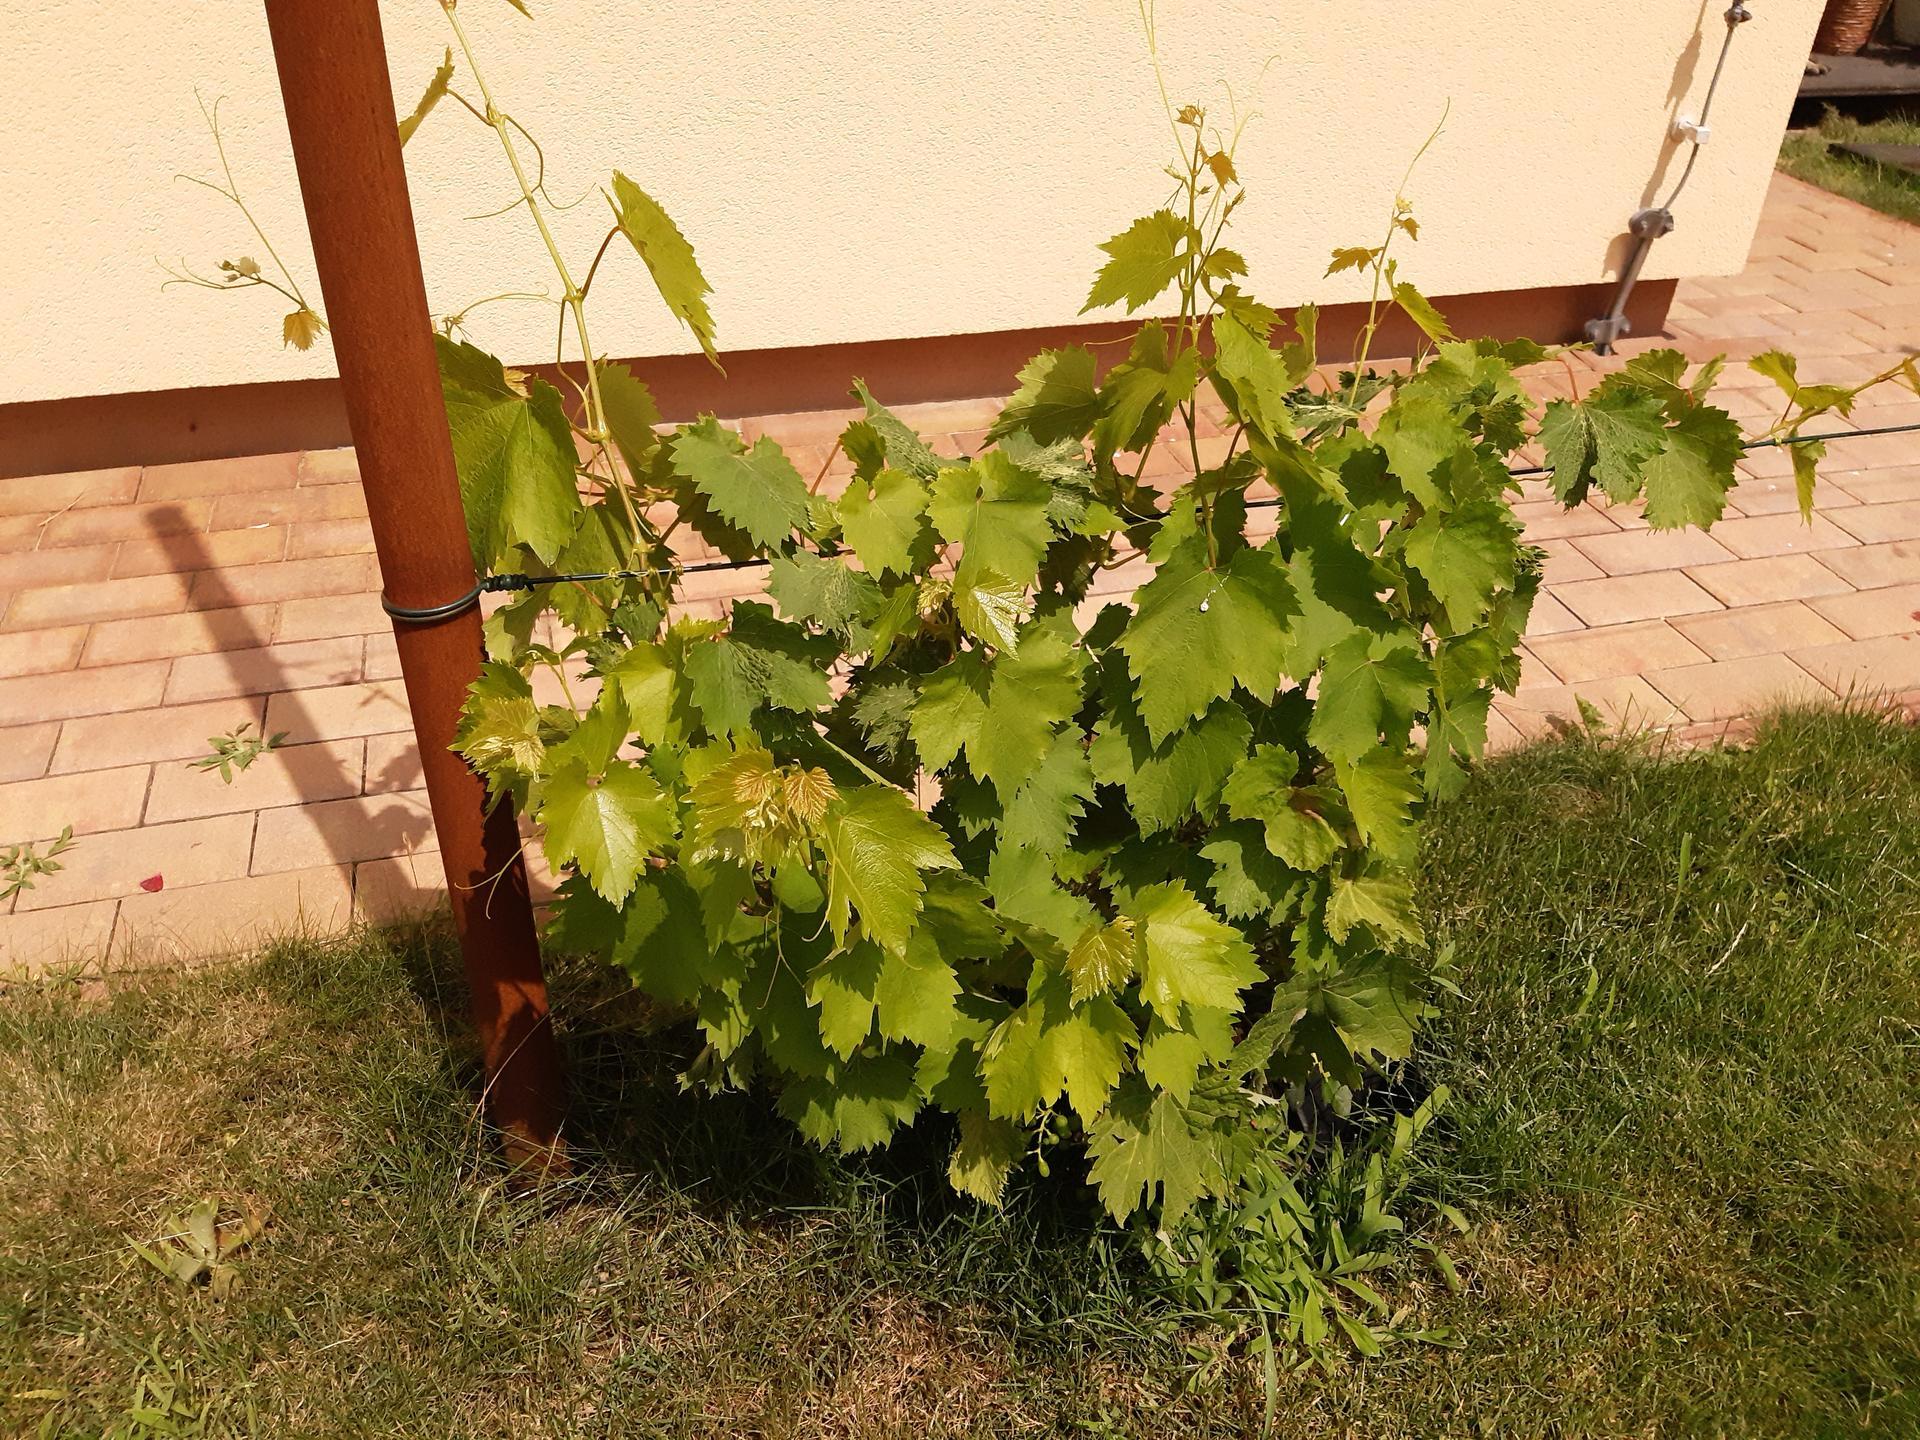 Zahrada 2021 - první rok vína